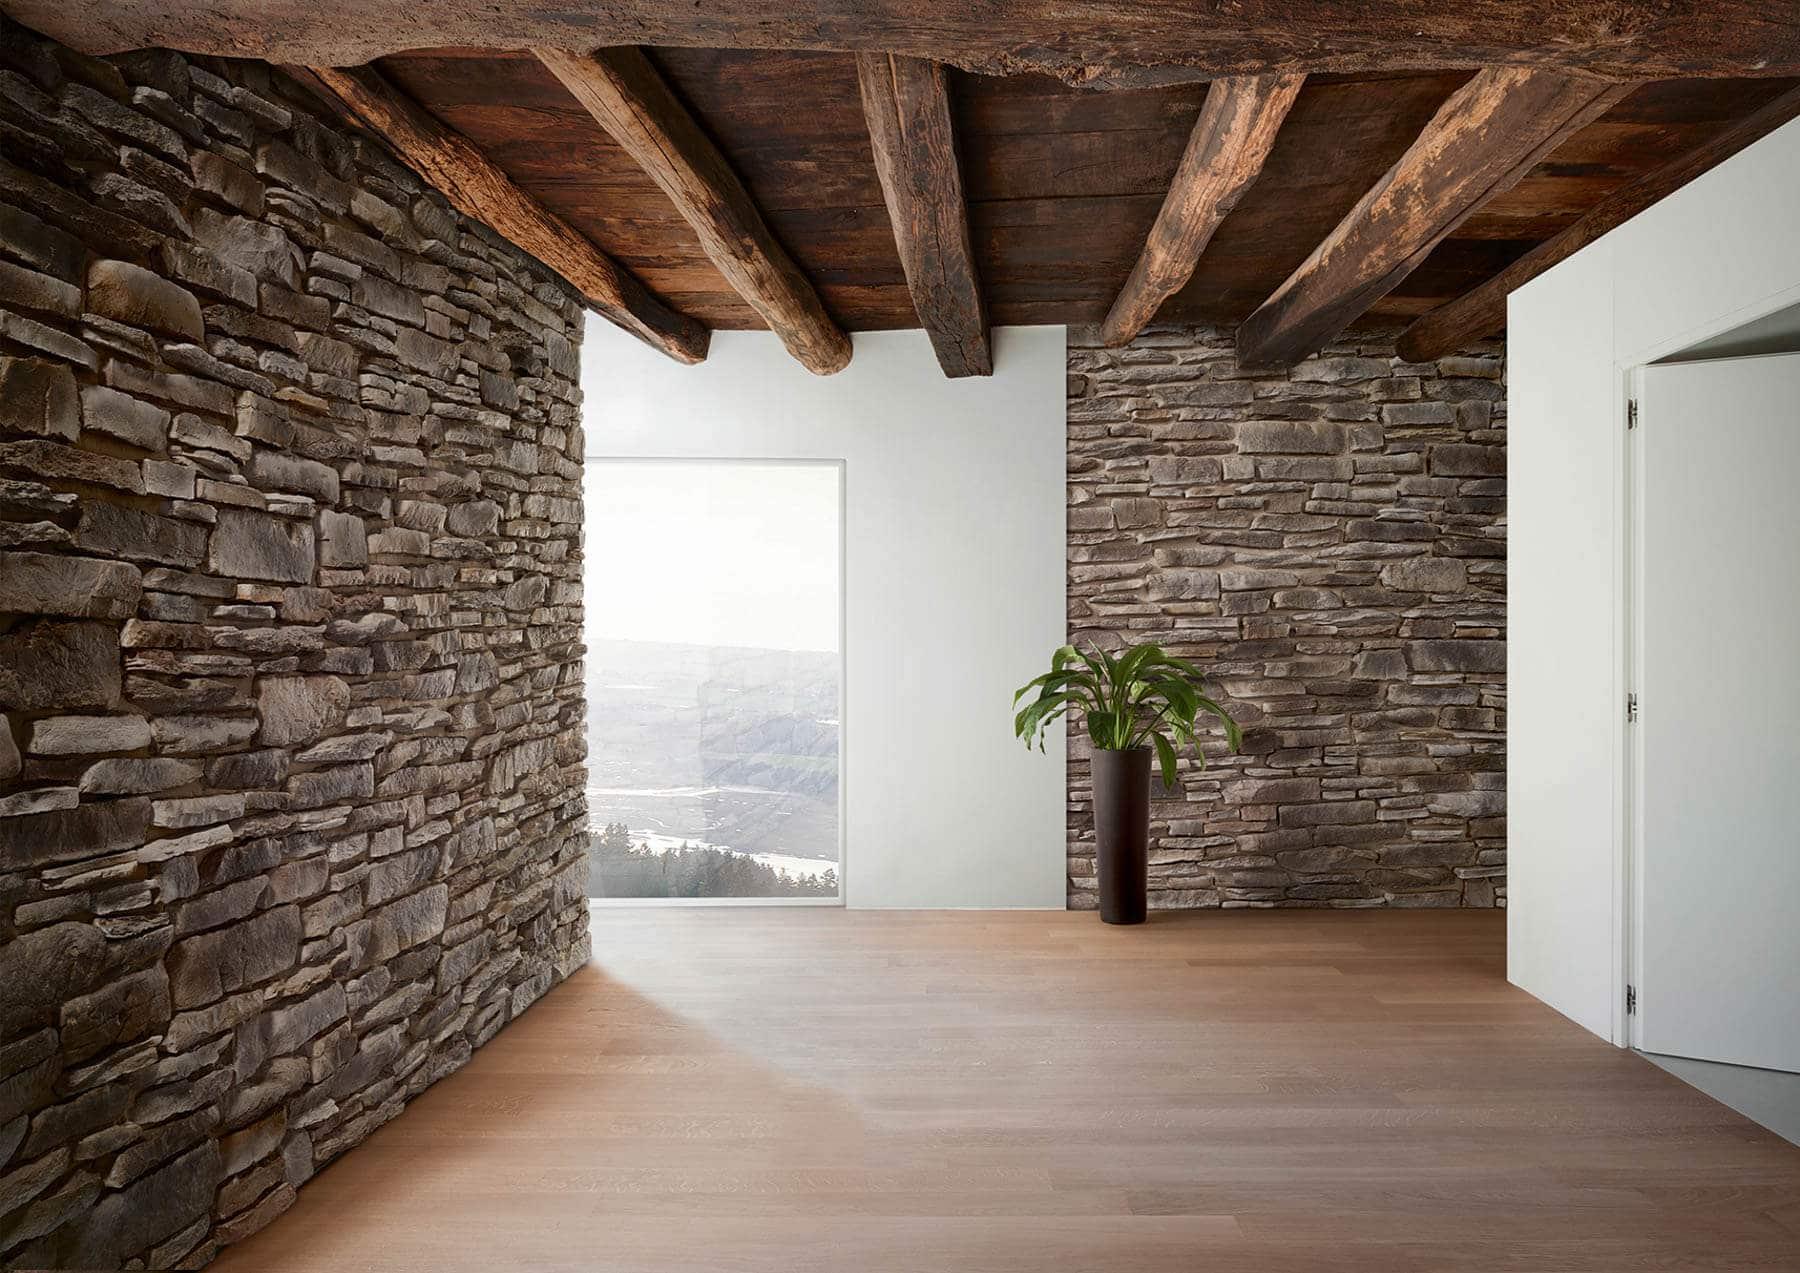 Pant de mur en pierre de parement acl teira de couleur café